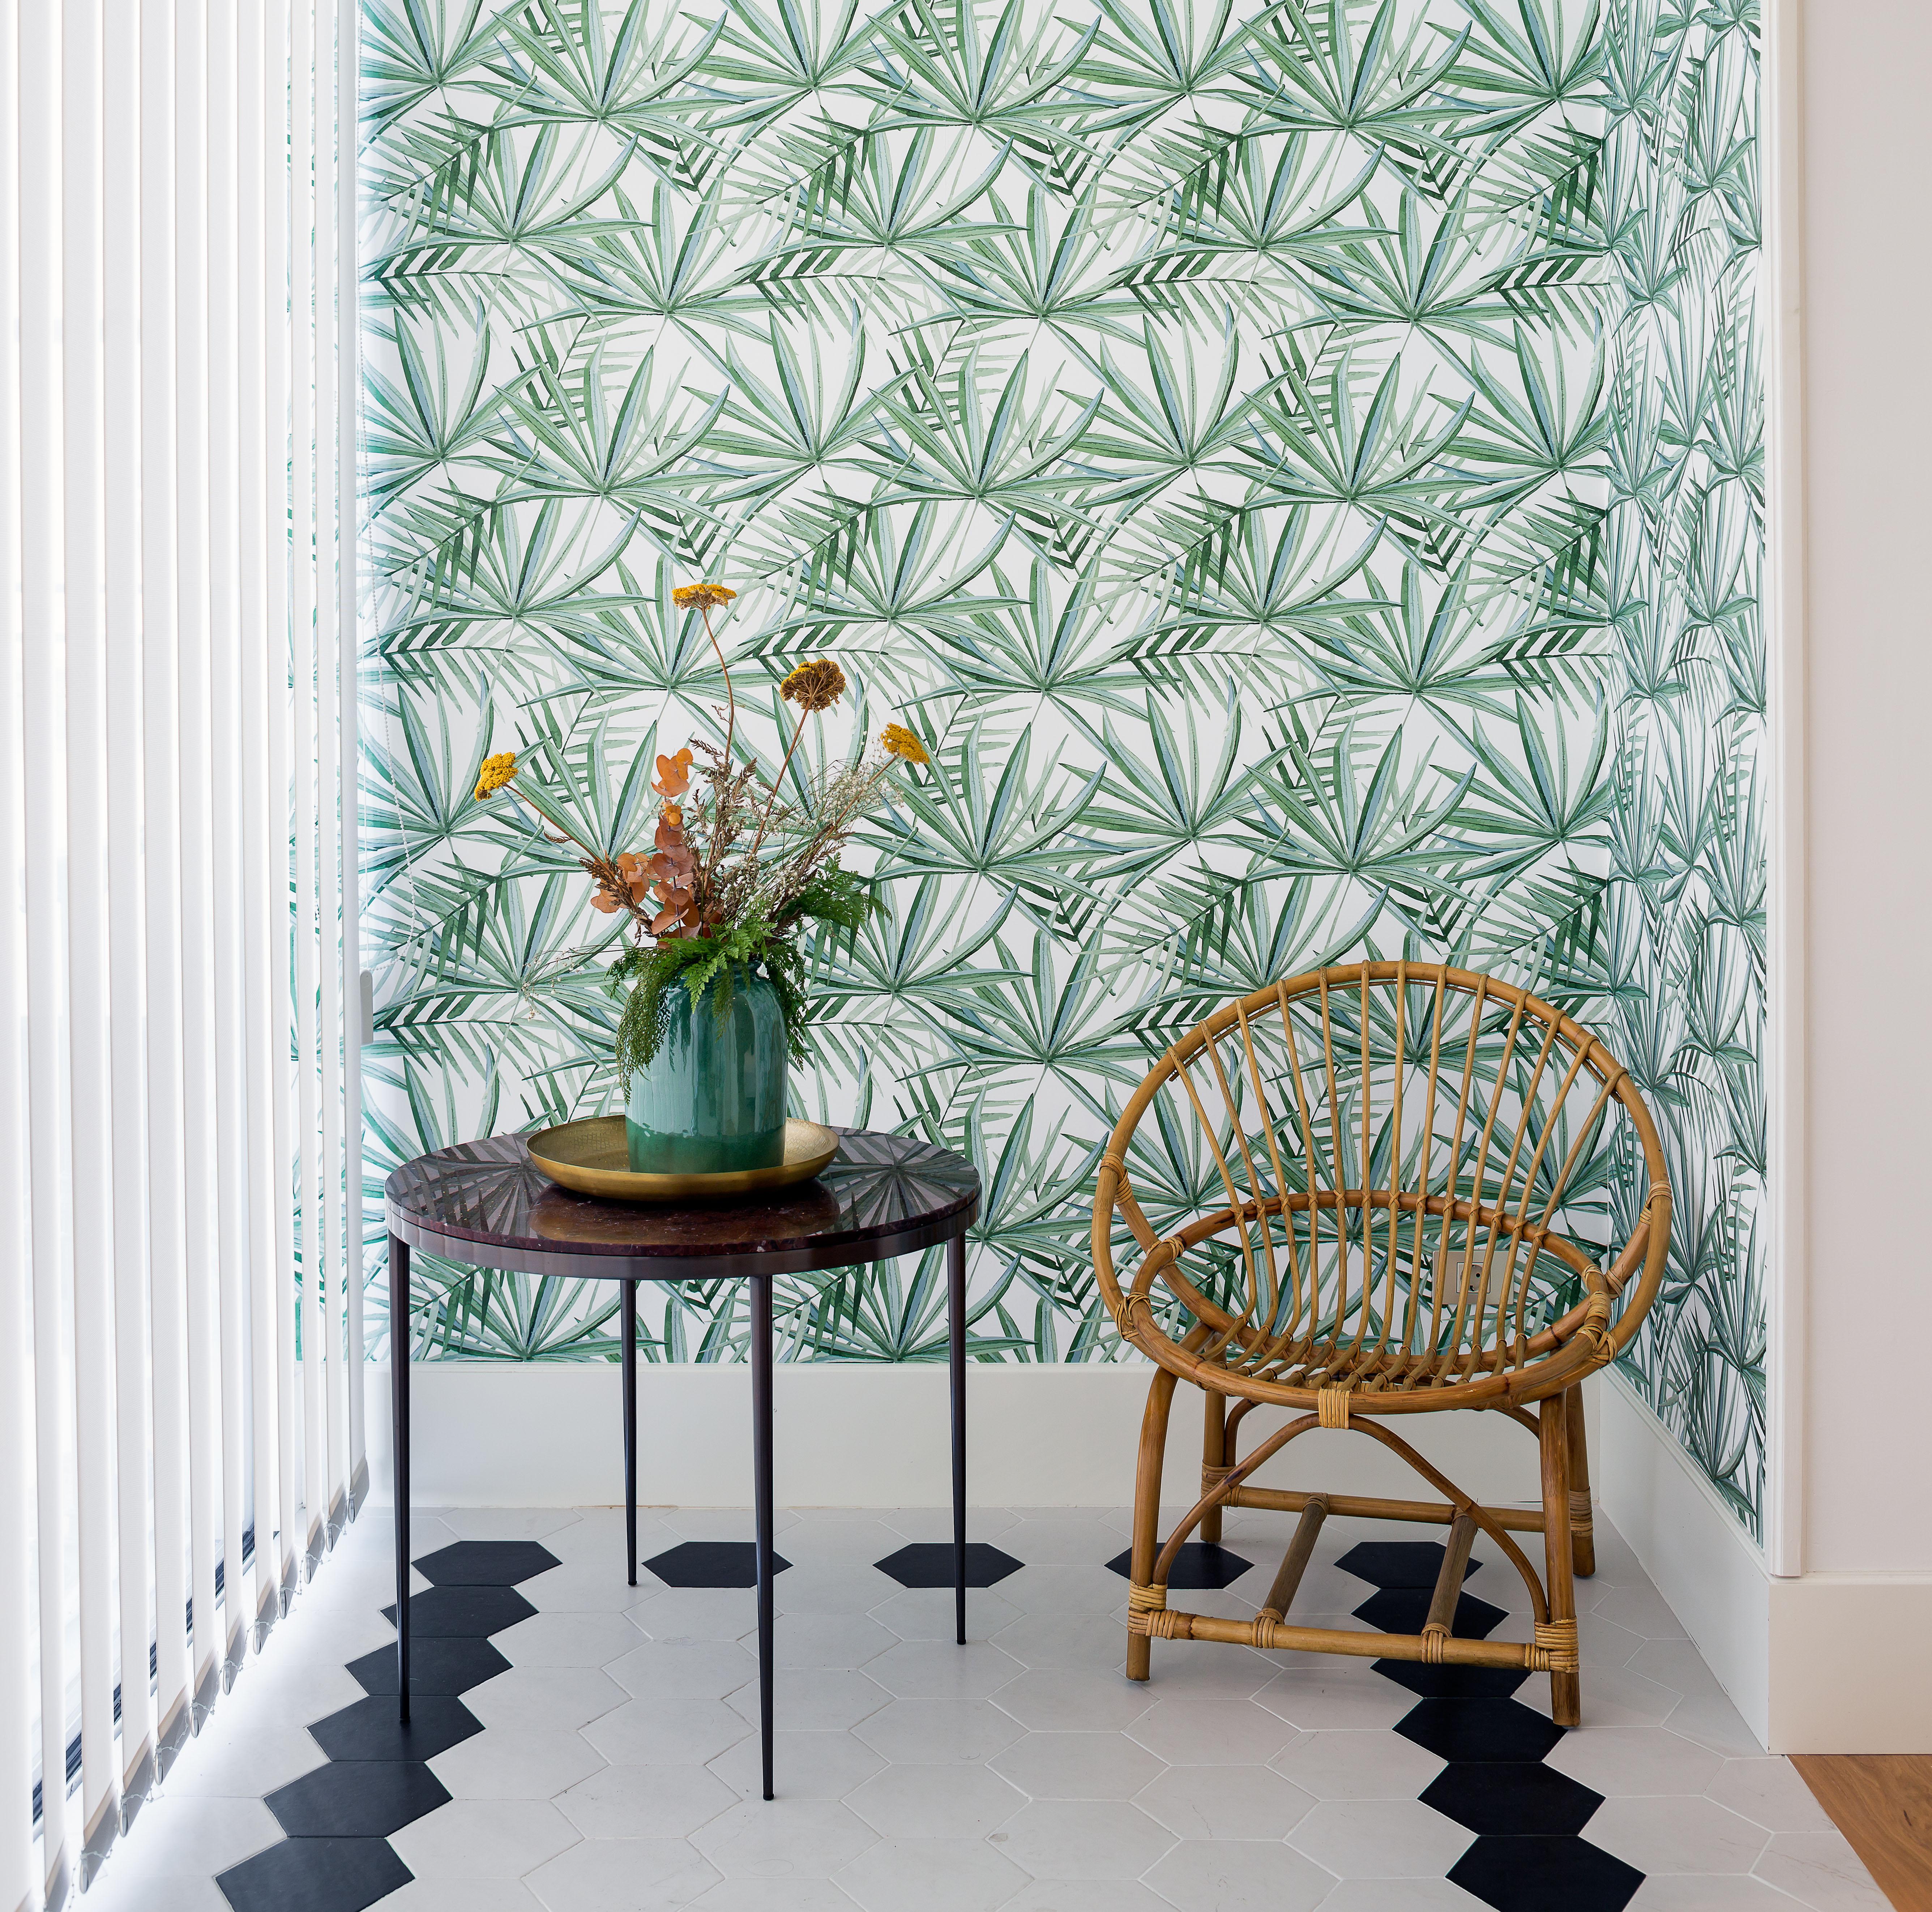 abel-perez-gabucio-decoracion-galería